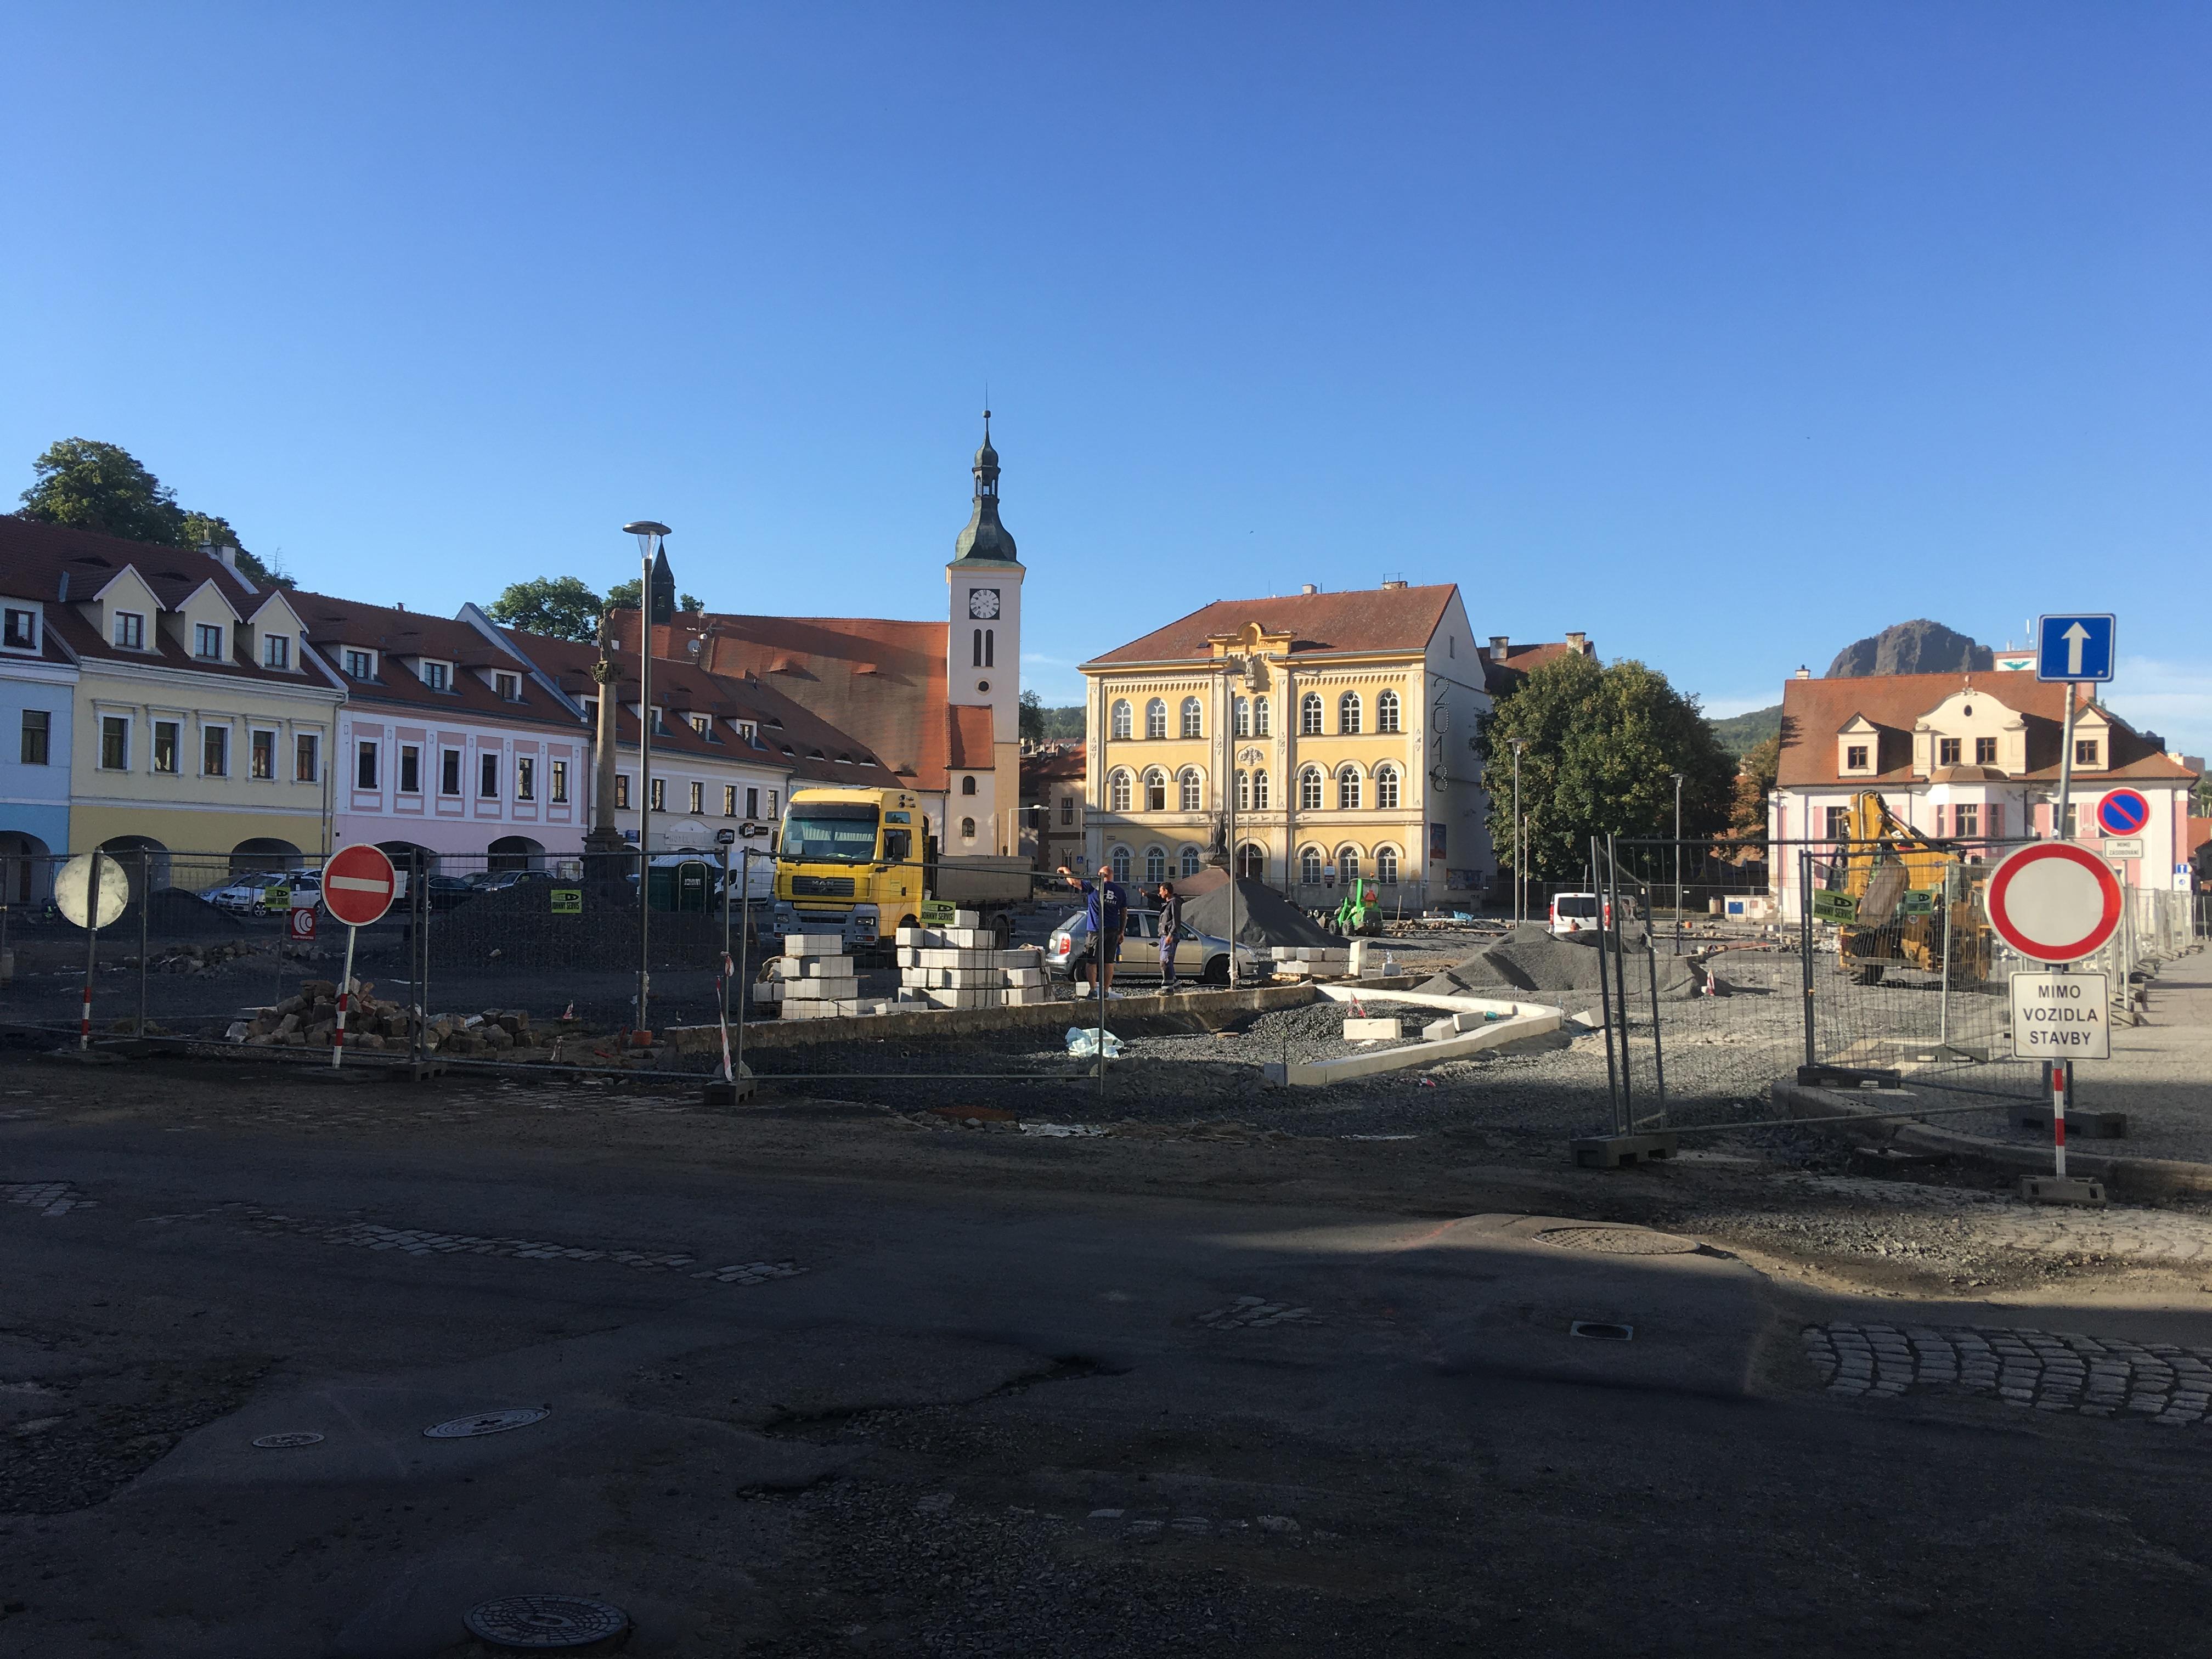 Rekonstrukce náměstí v Bílině se protáhne nejméně o dva měsíce